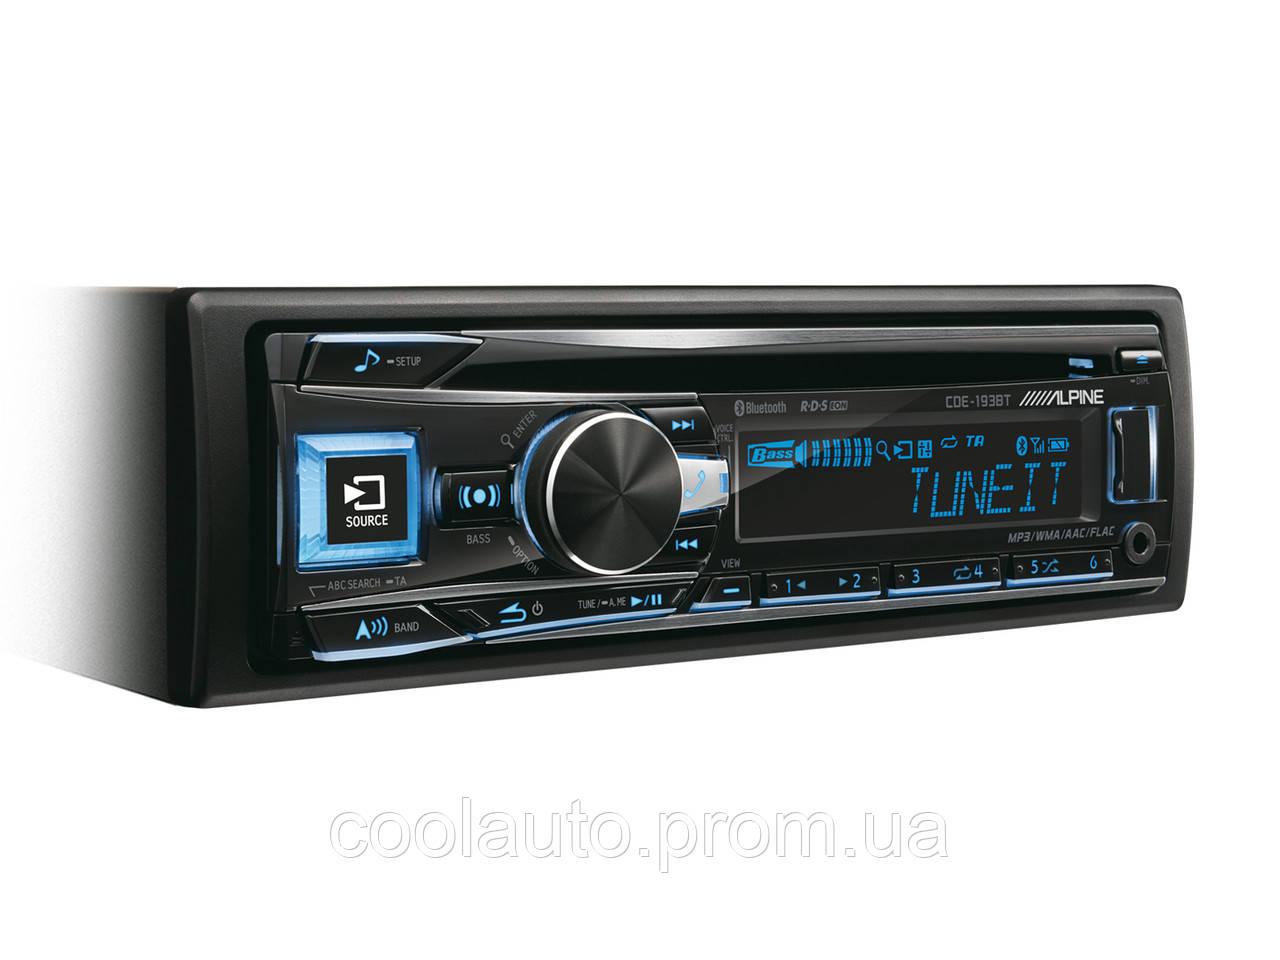 CD/MP3-ресивер Alpine CDE-193BT - Интернет-магазин CoolAuto (Кулл Авто) в Харькове